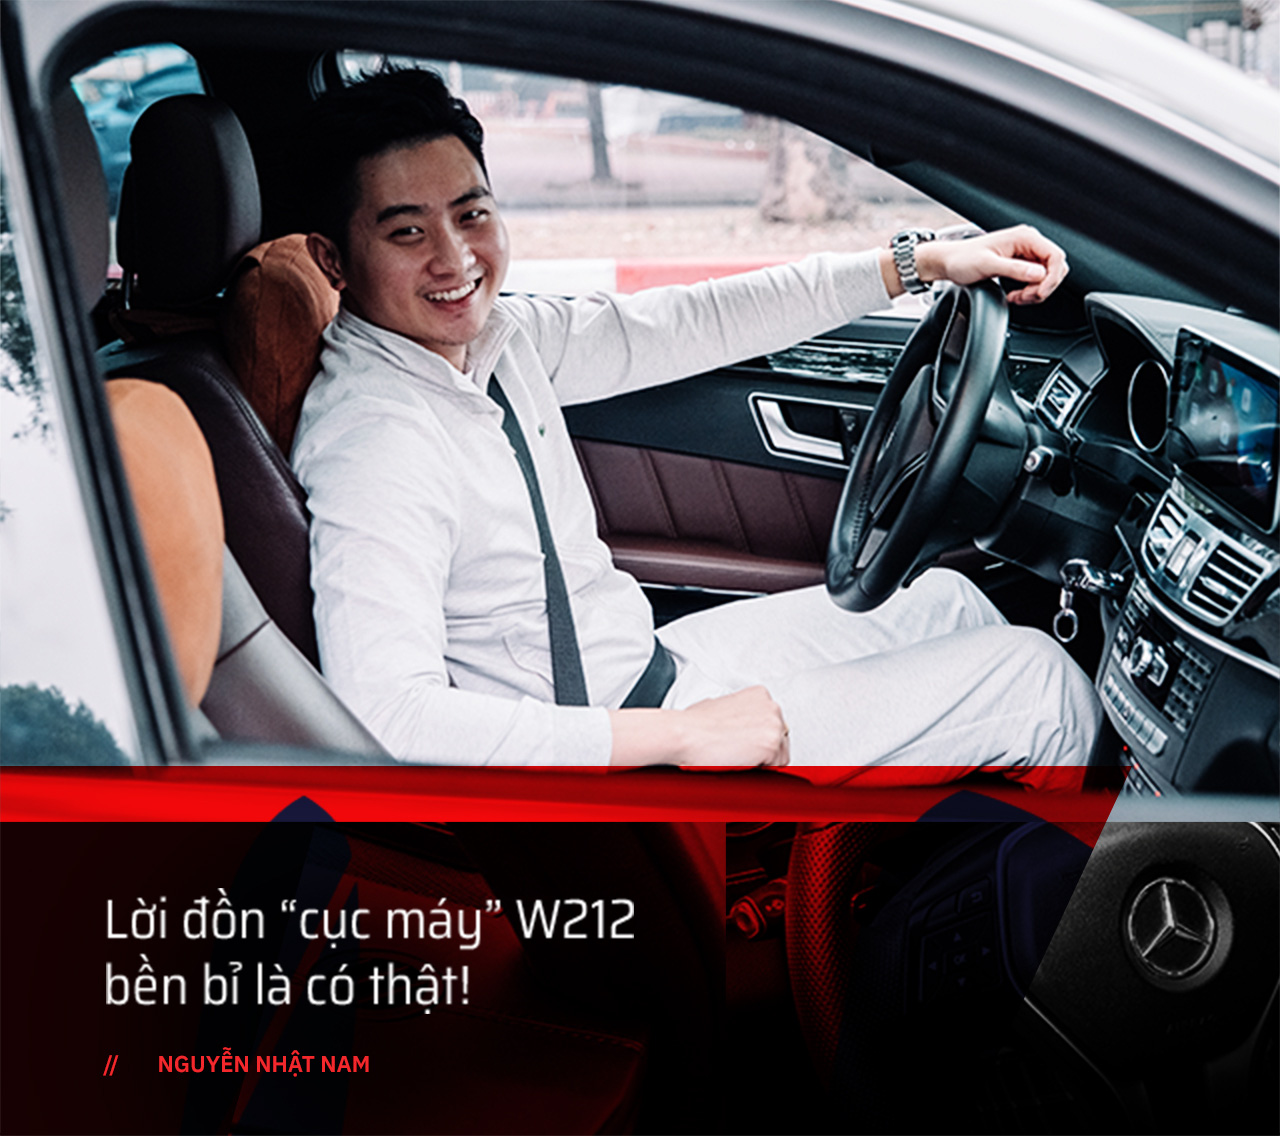 Bán Mazda6 vừa mua để tậu Mercedes cũ, người dùng chia sẻ: 'Chơi xe Đức cũ cần tiền dự phòng và đừng mong mua được xe zin' - Ảnh 6.